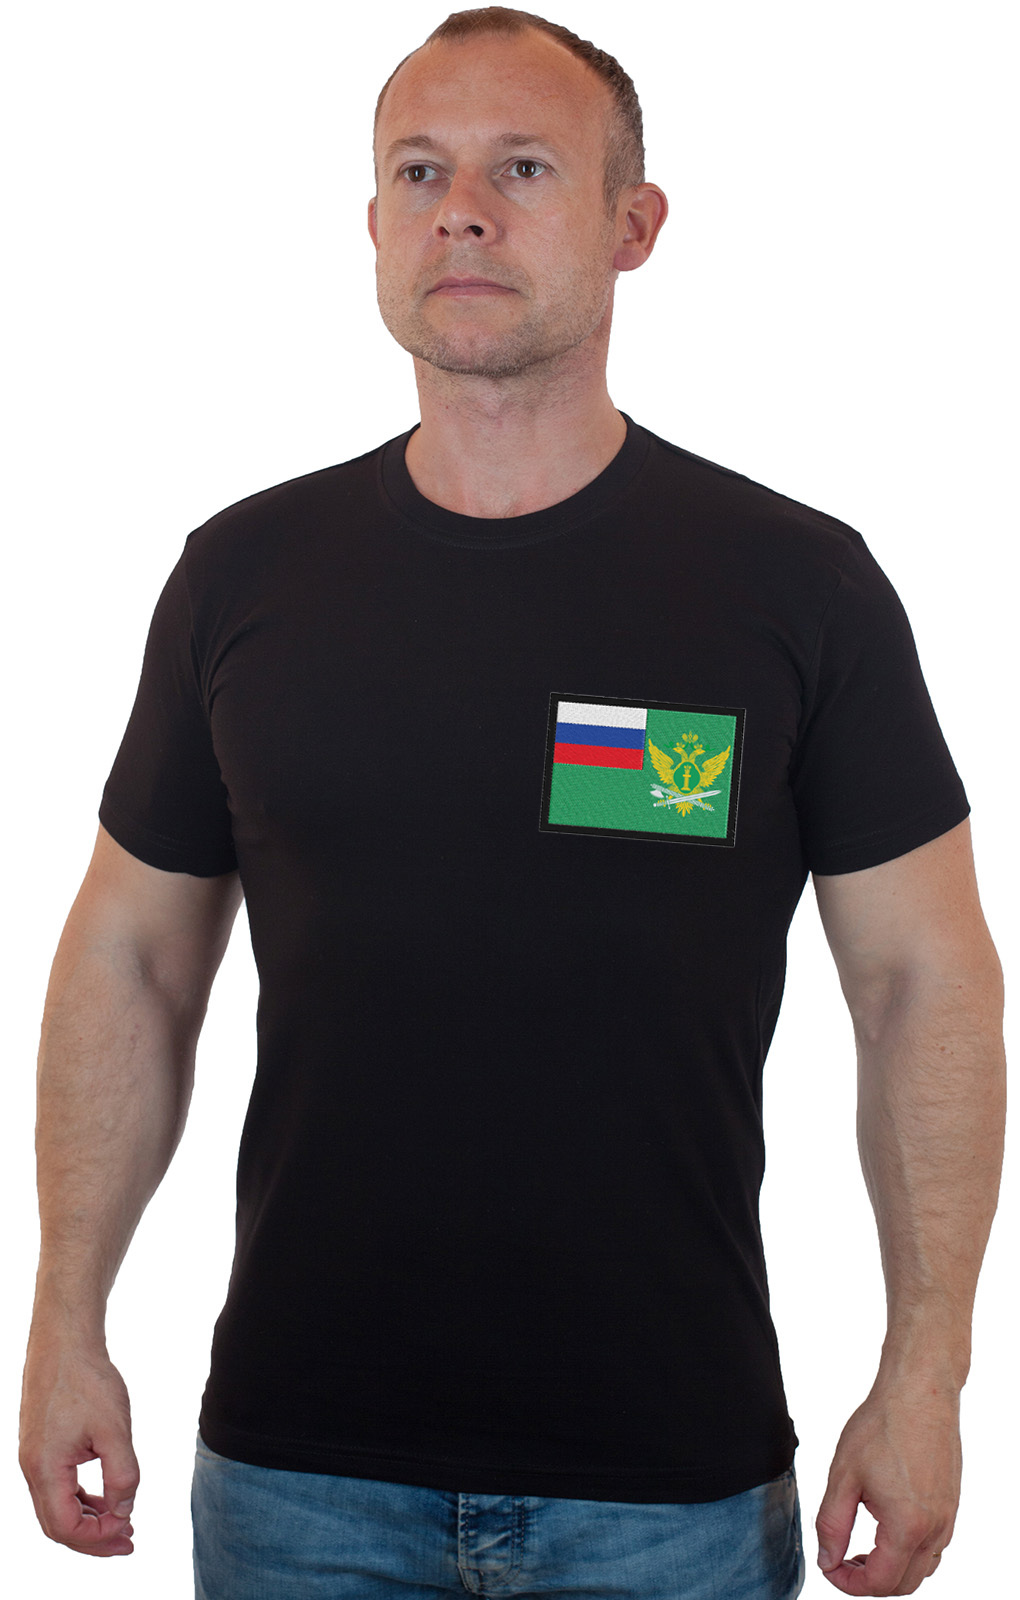 Недорогие футболки для мужчин с шевроном ФССП